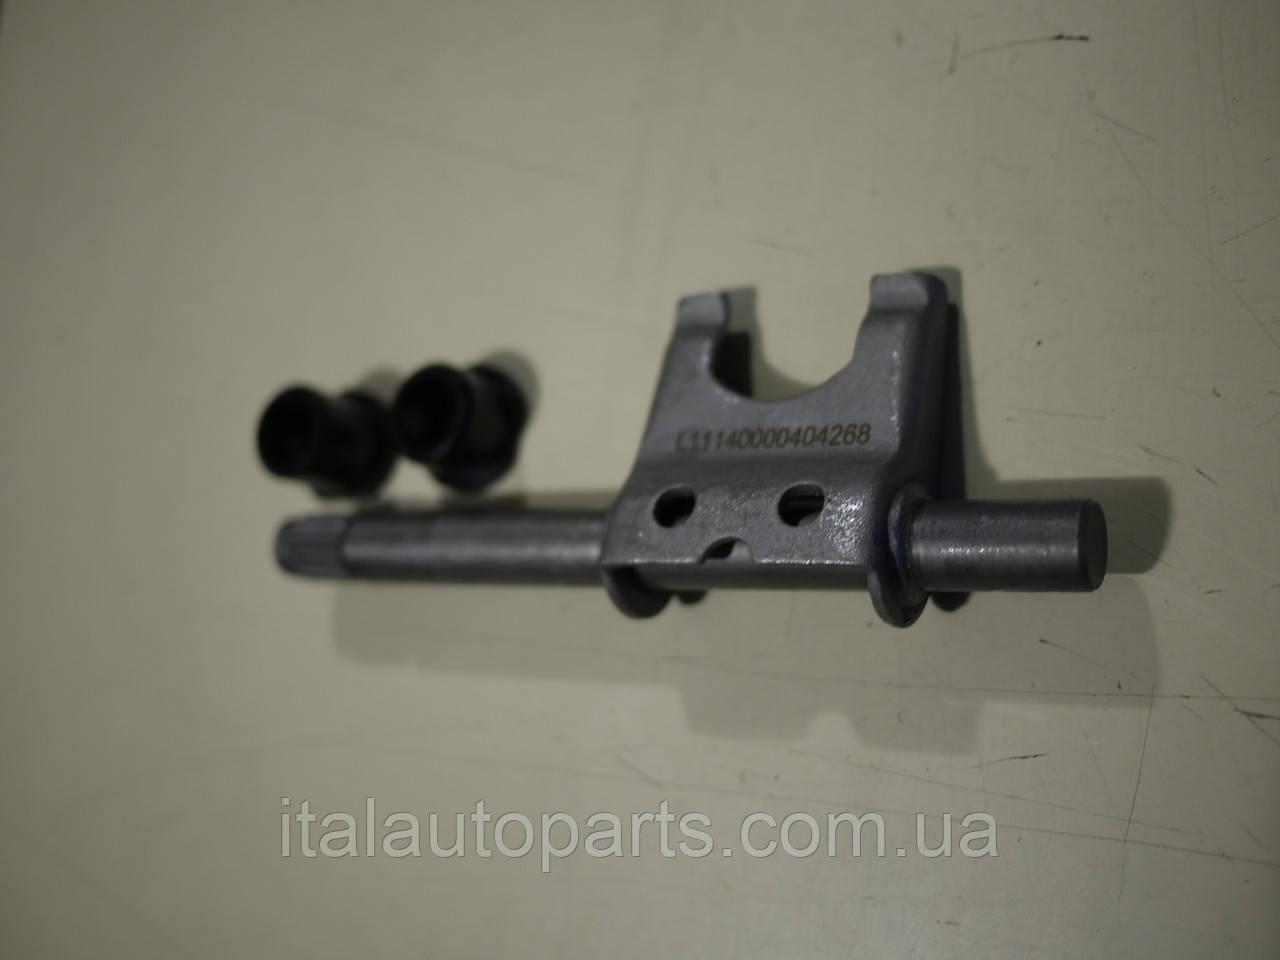 Вилка сцепления Fiat Linea 1,4